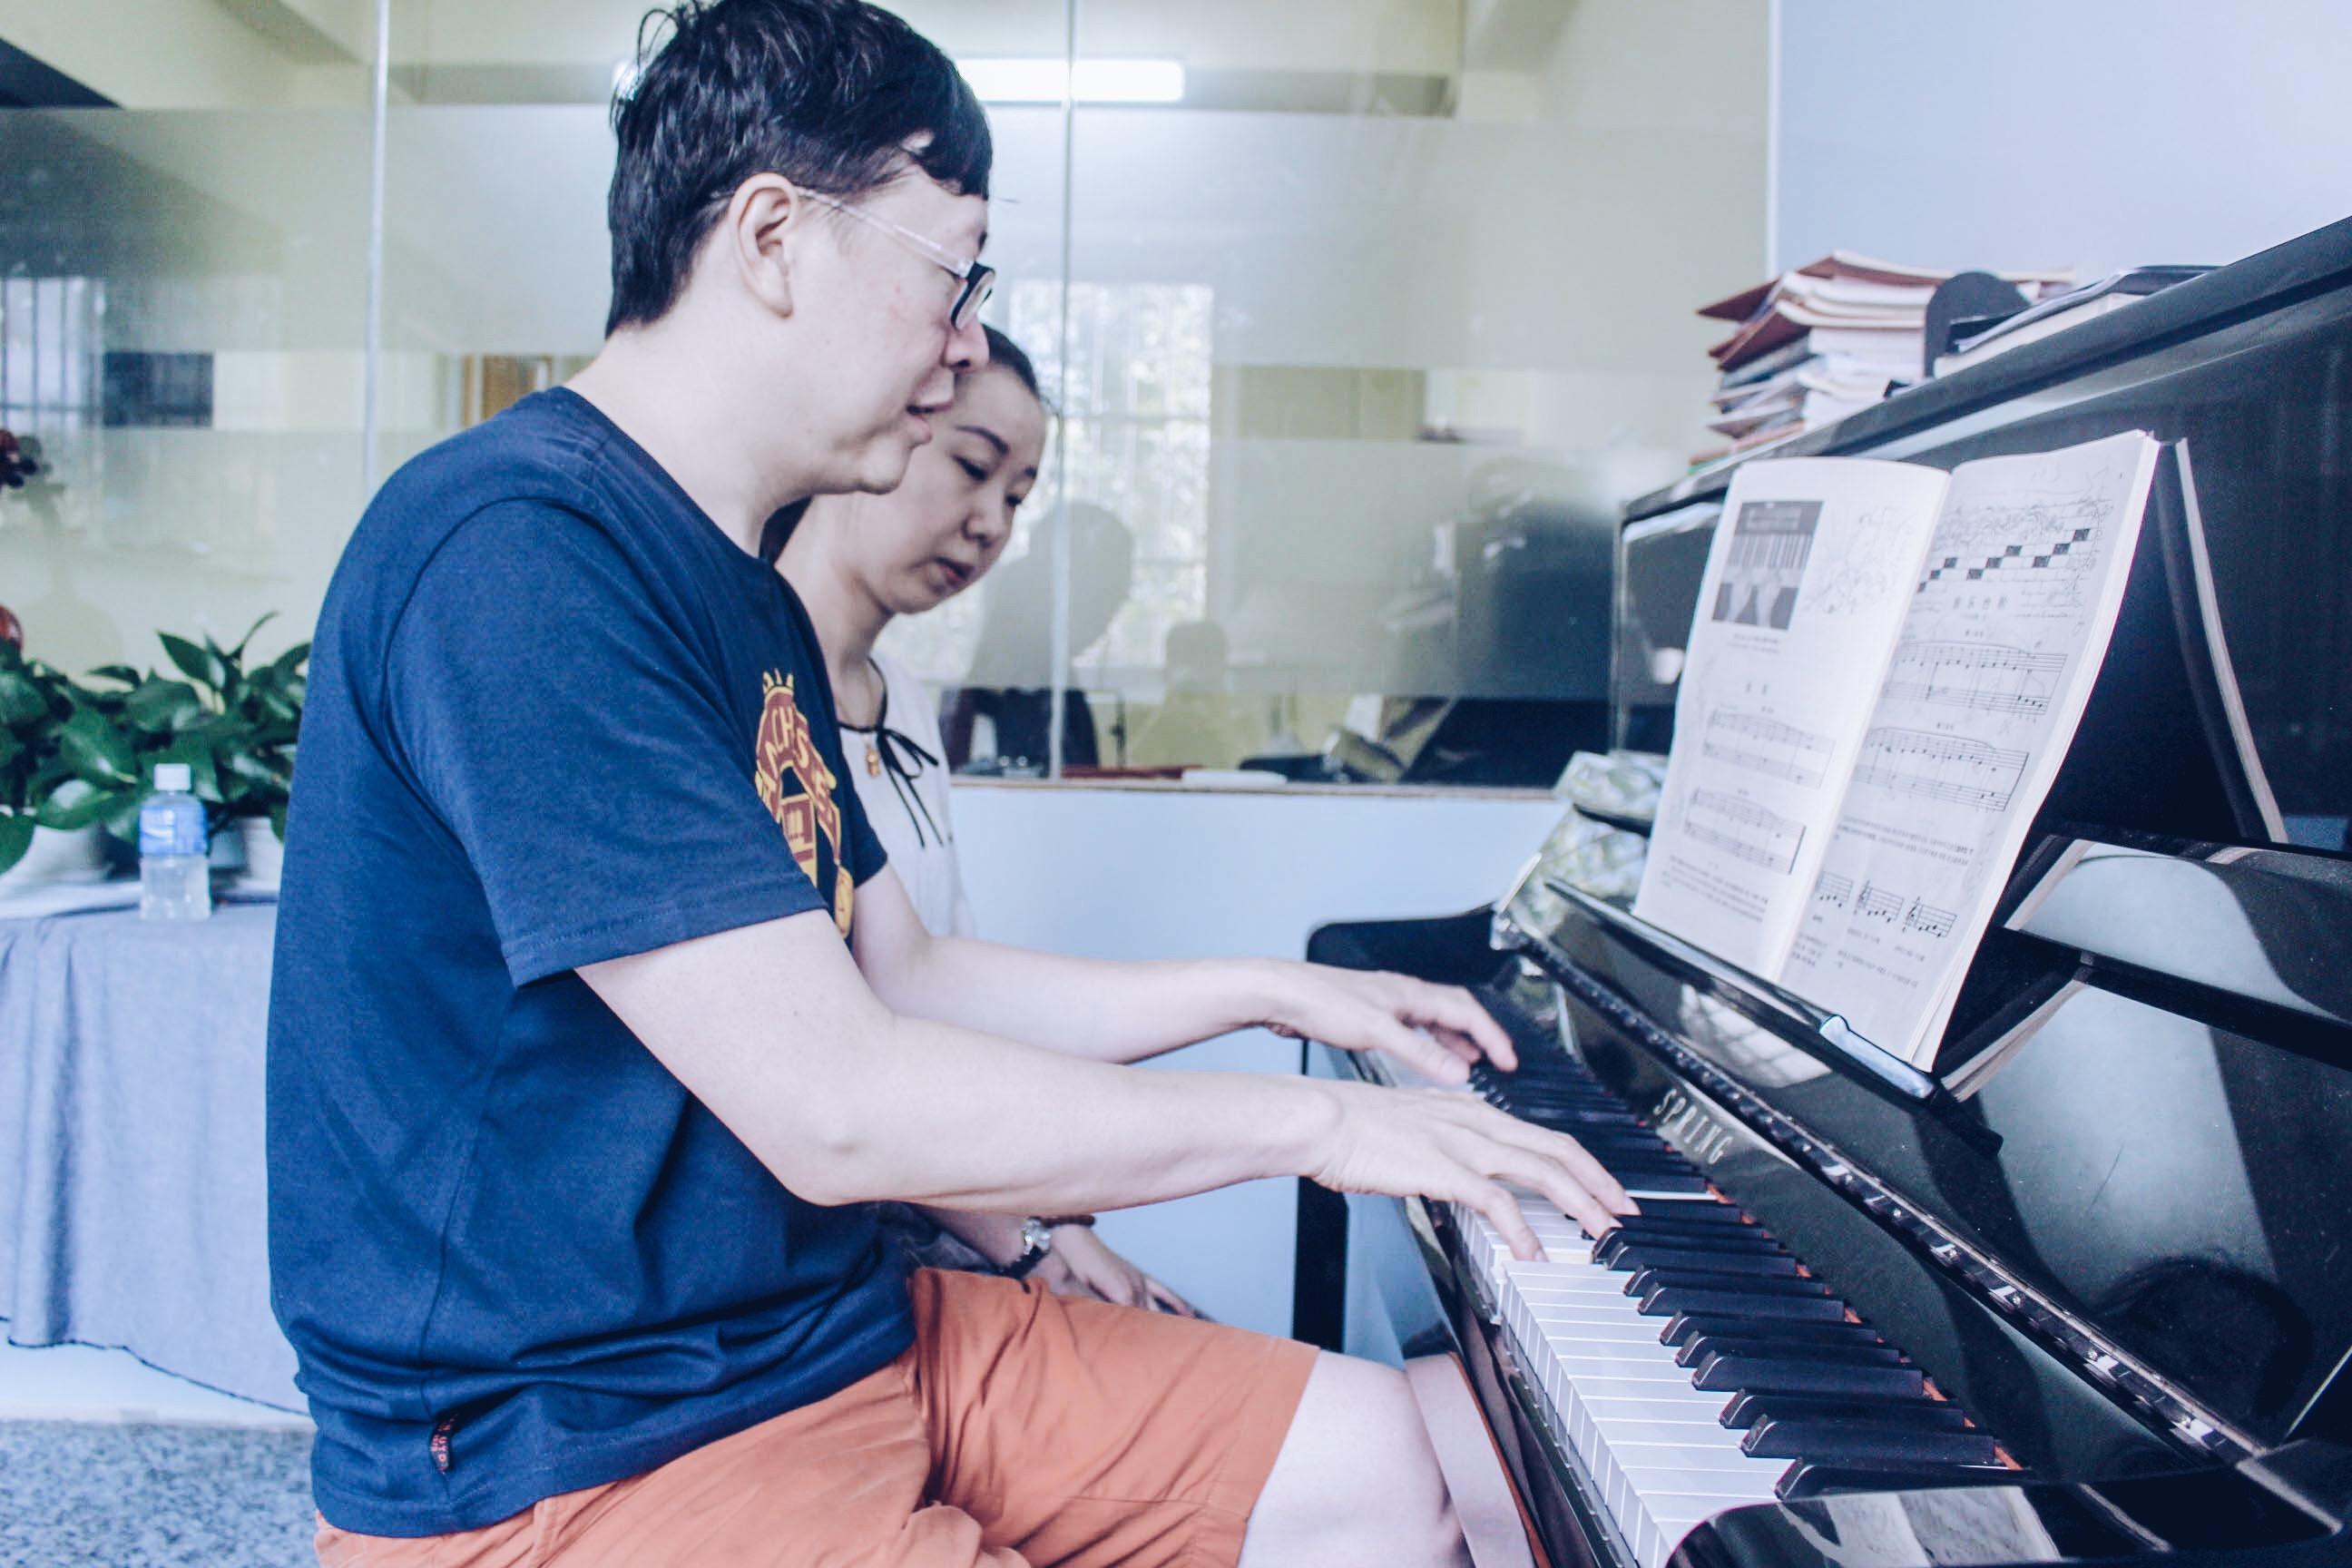 目前开设了音乐类课程(大提琴,小提琴,尤克里里,民谣吉他,古典吉他